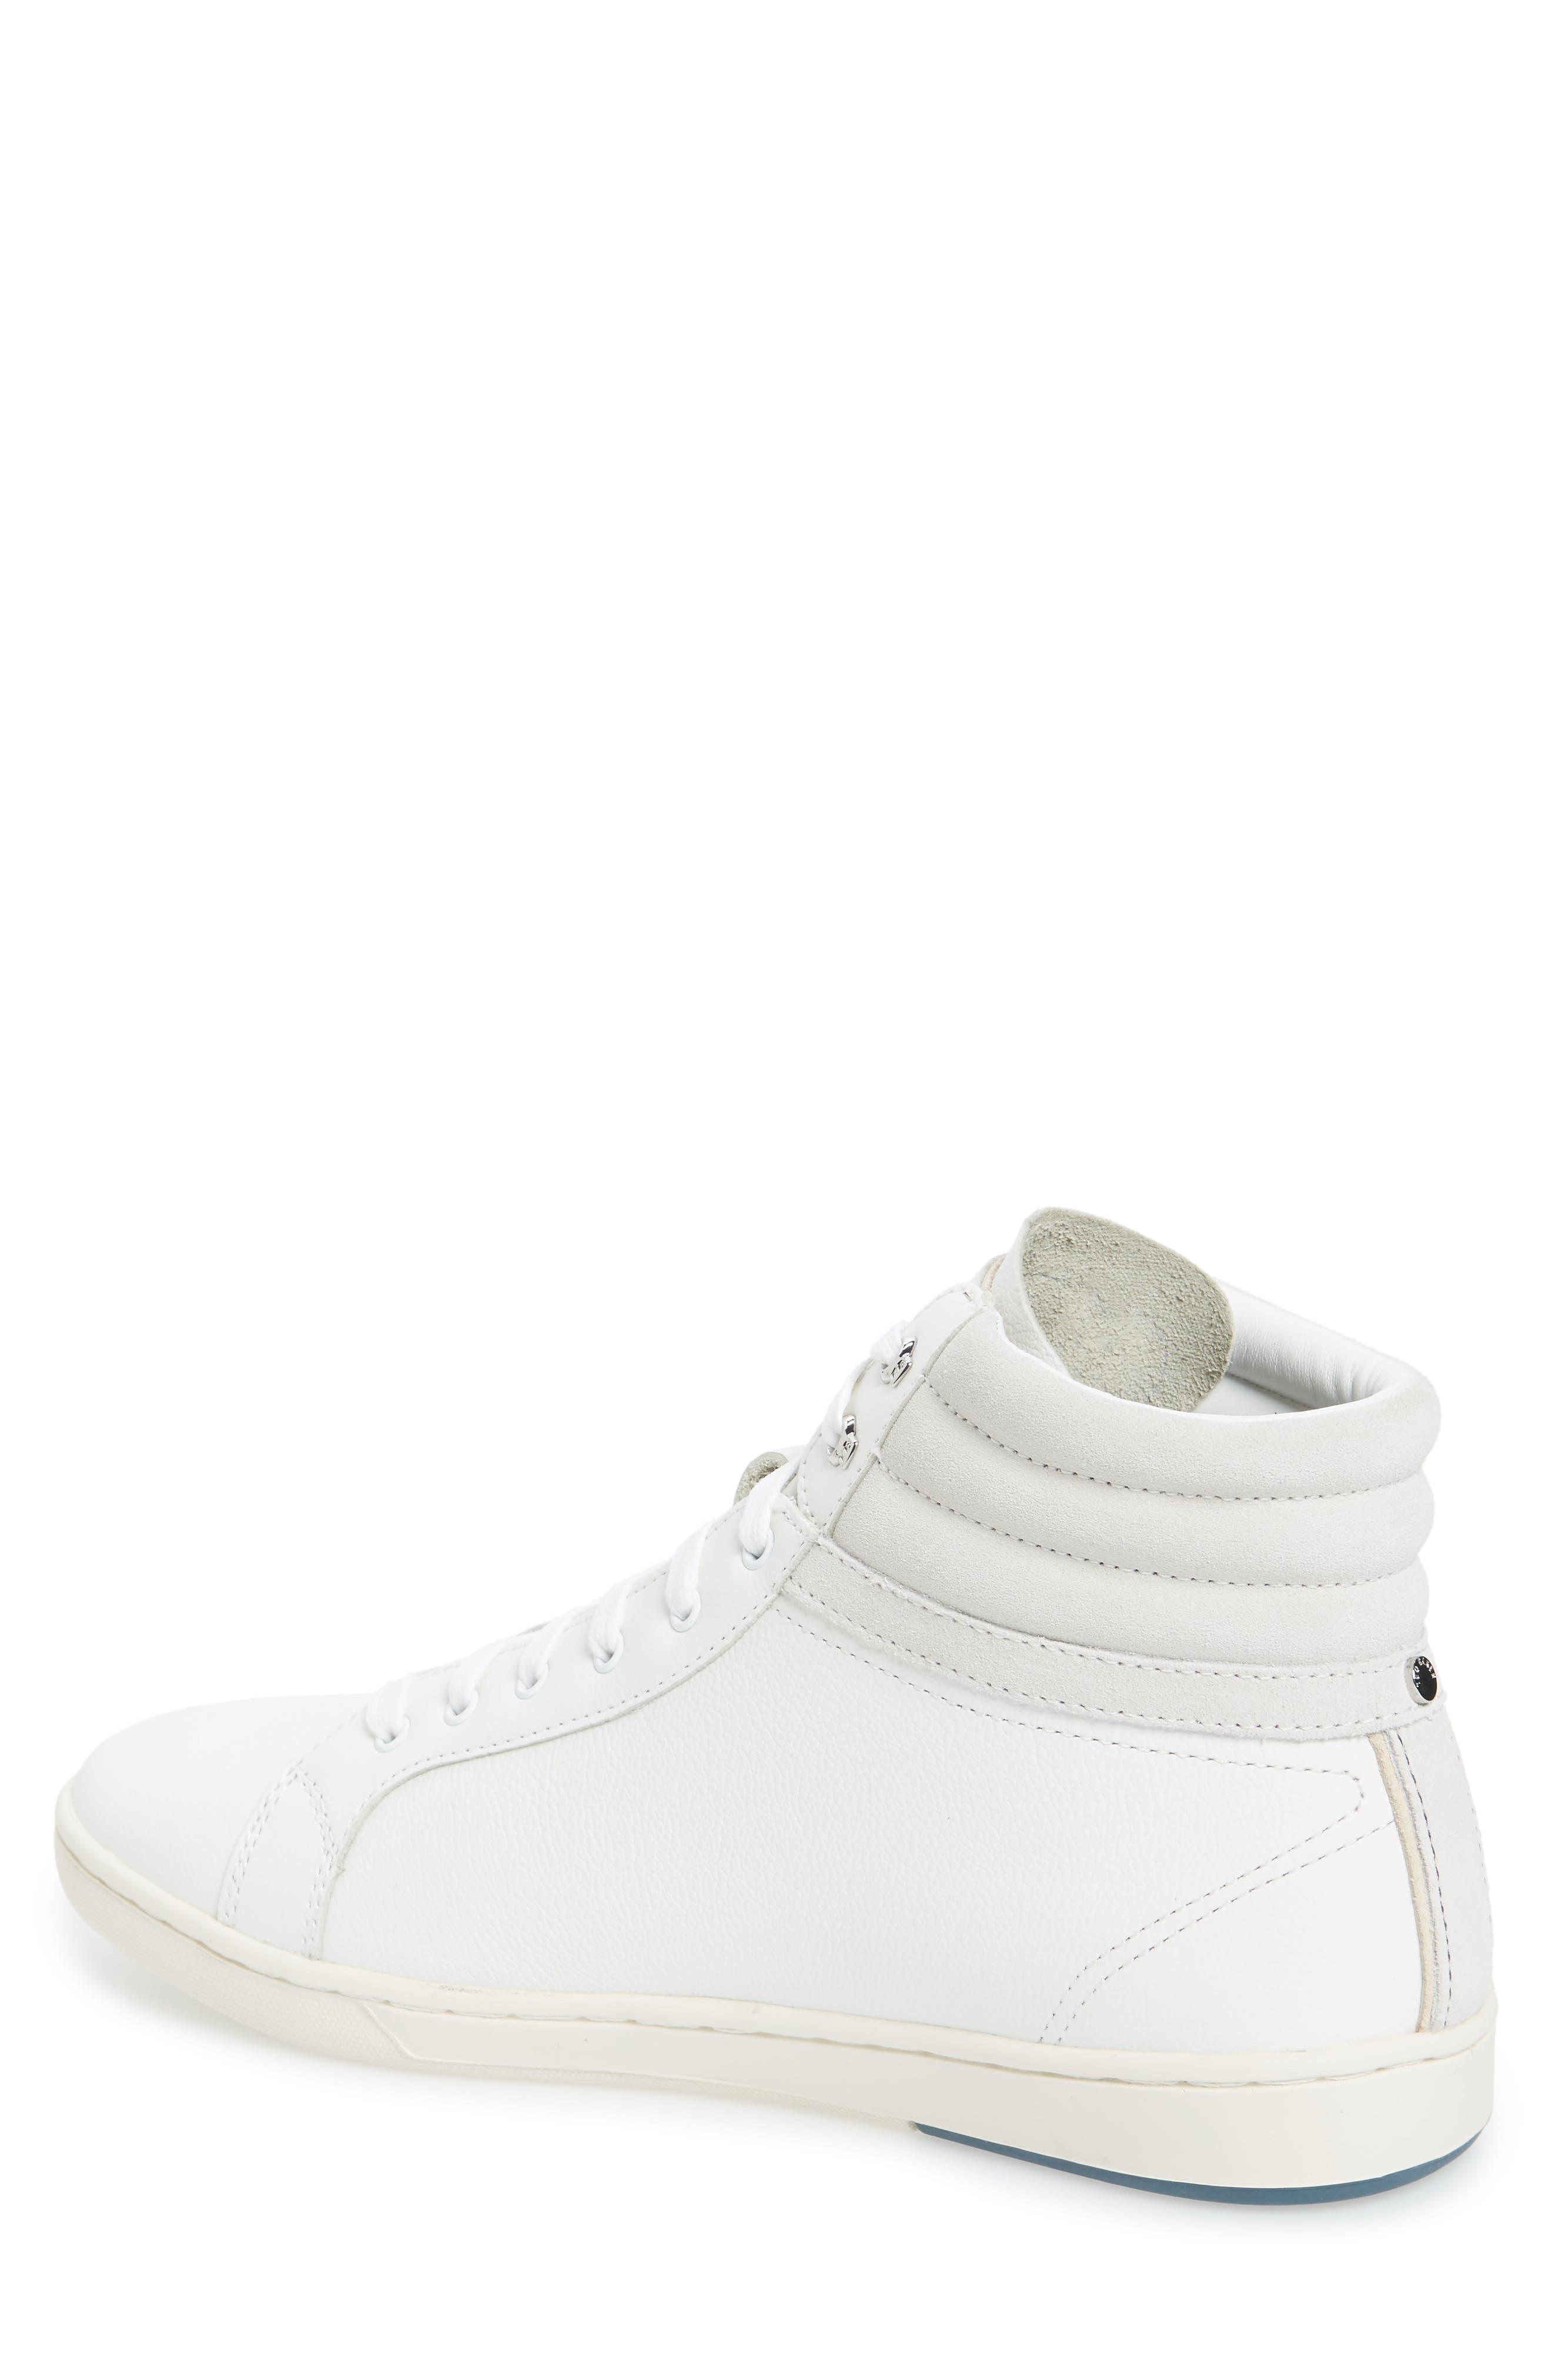 Mykka Sneaker,                             Alternate thumbnail 4, color,